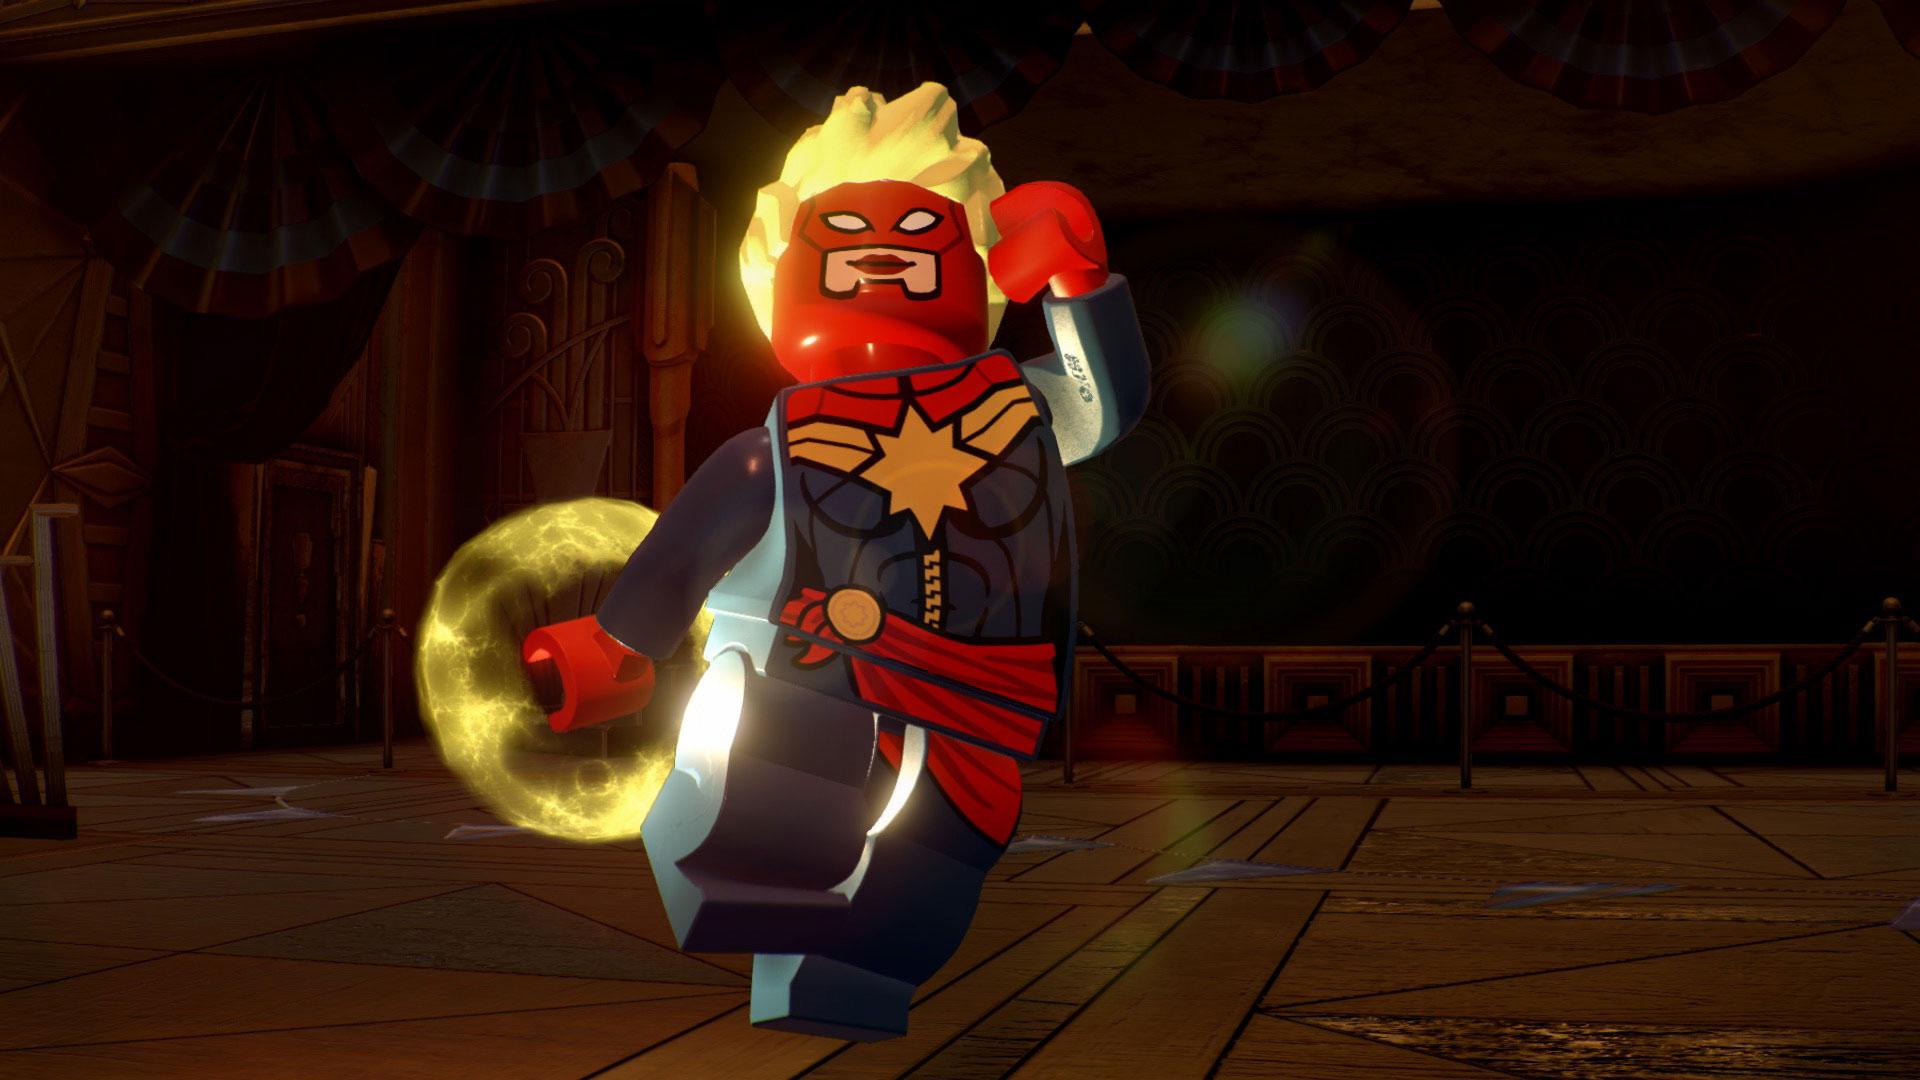 乐高漫威超级英雄2插图4